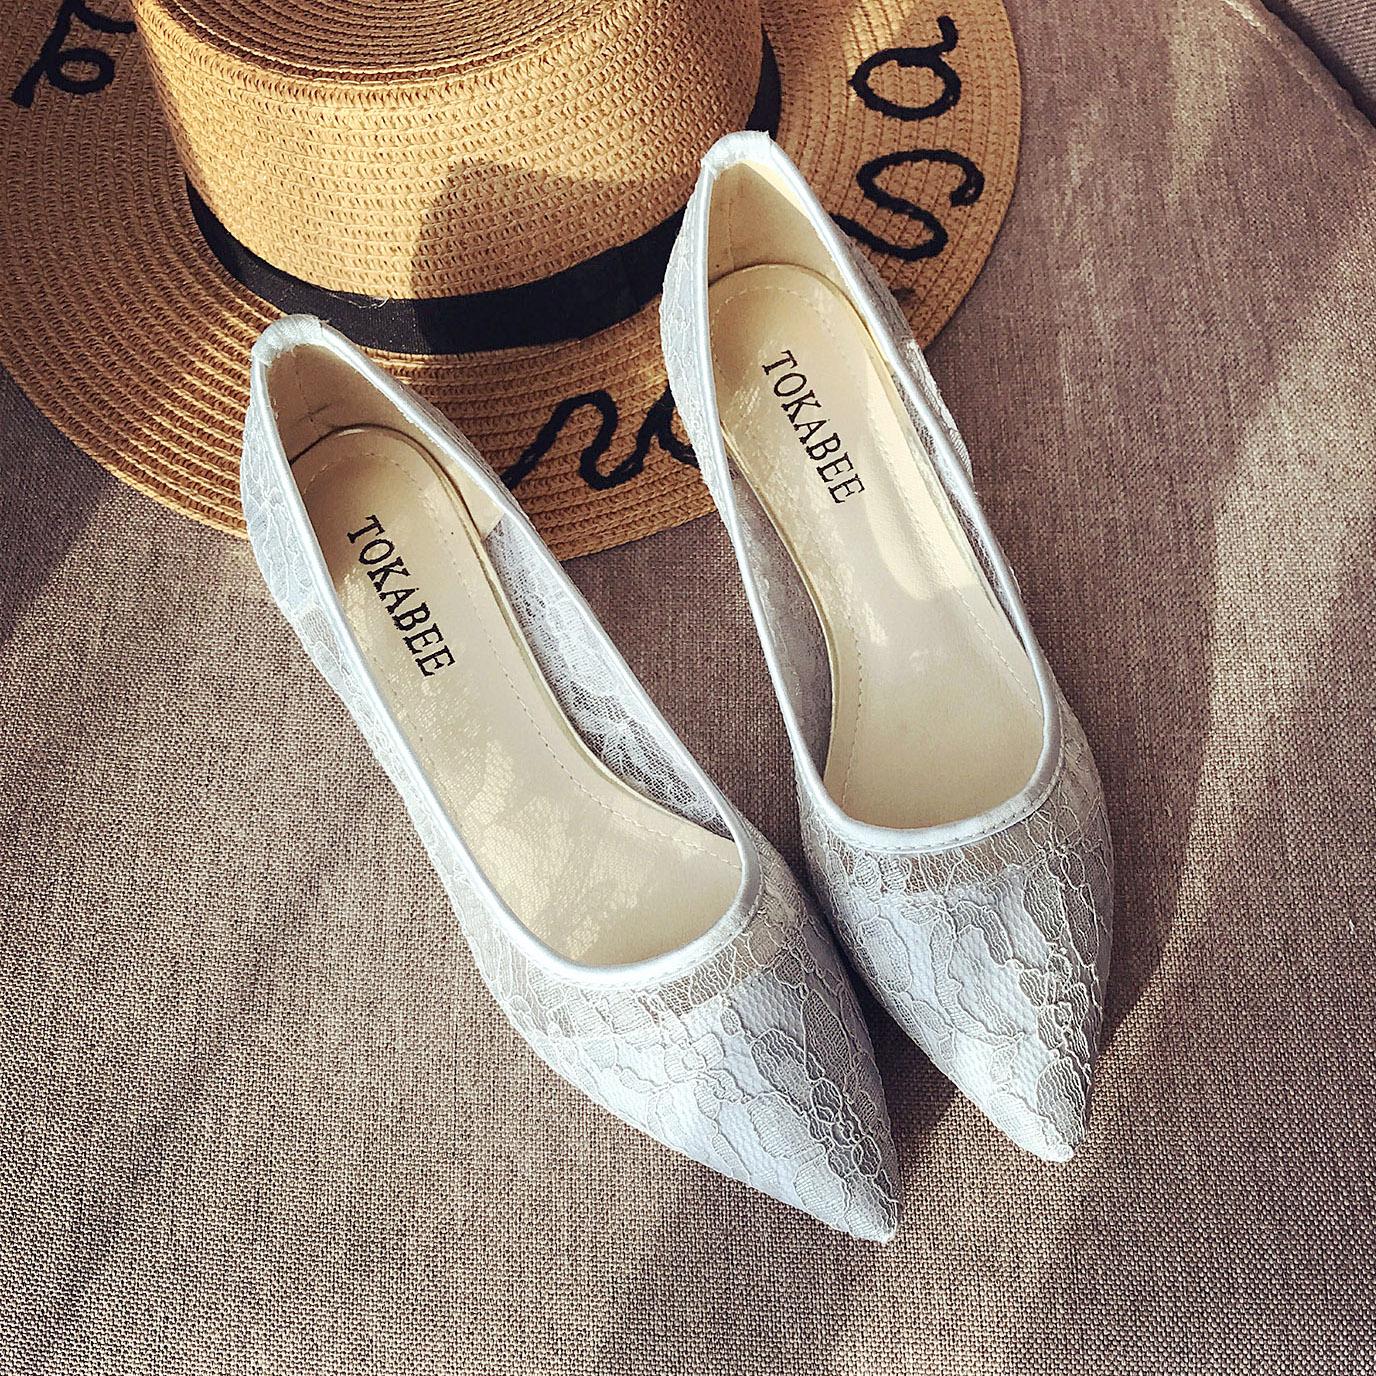 低跟单鞋女平底尖头女鞋夏2017新款韩版百搭浅口瓢鞋透气蕾丝大码